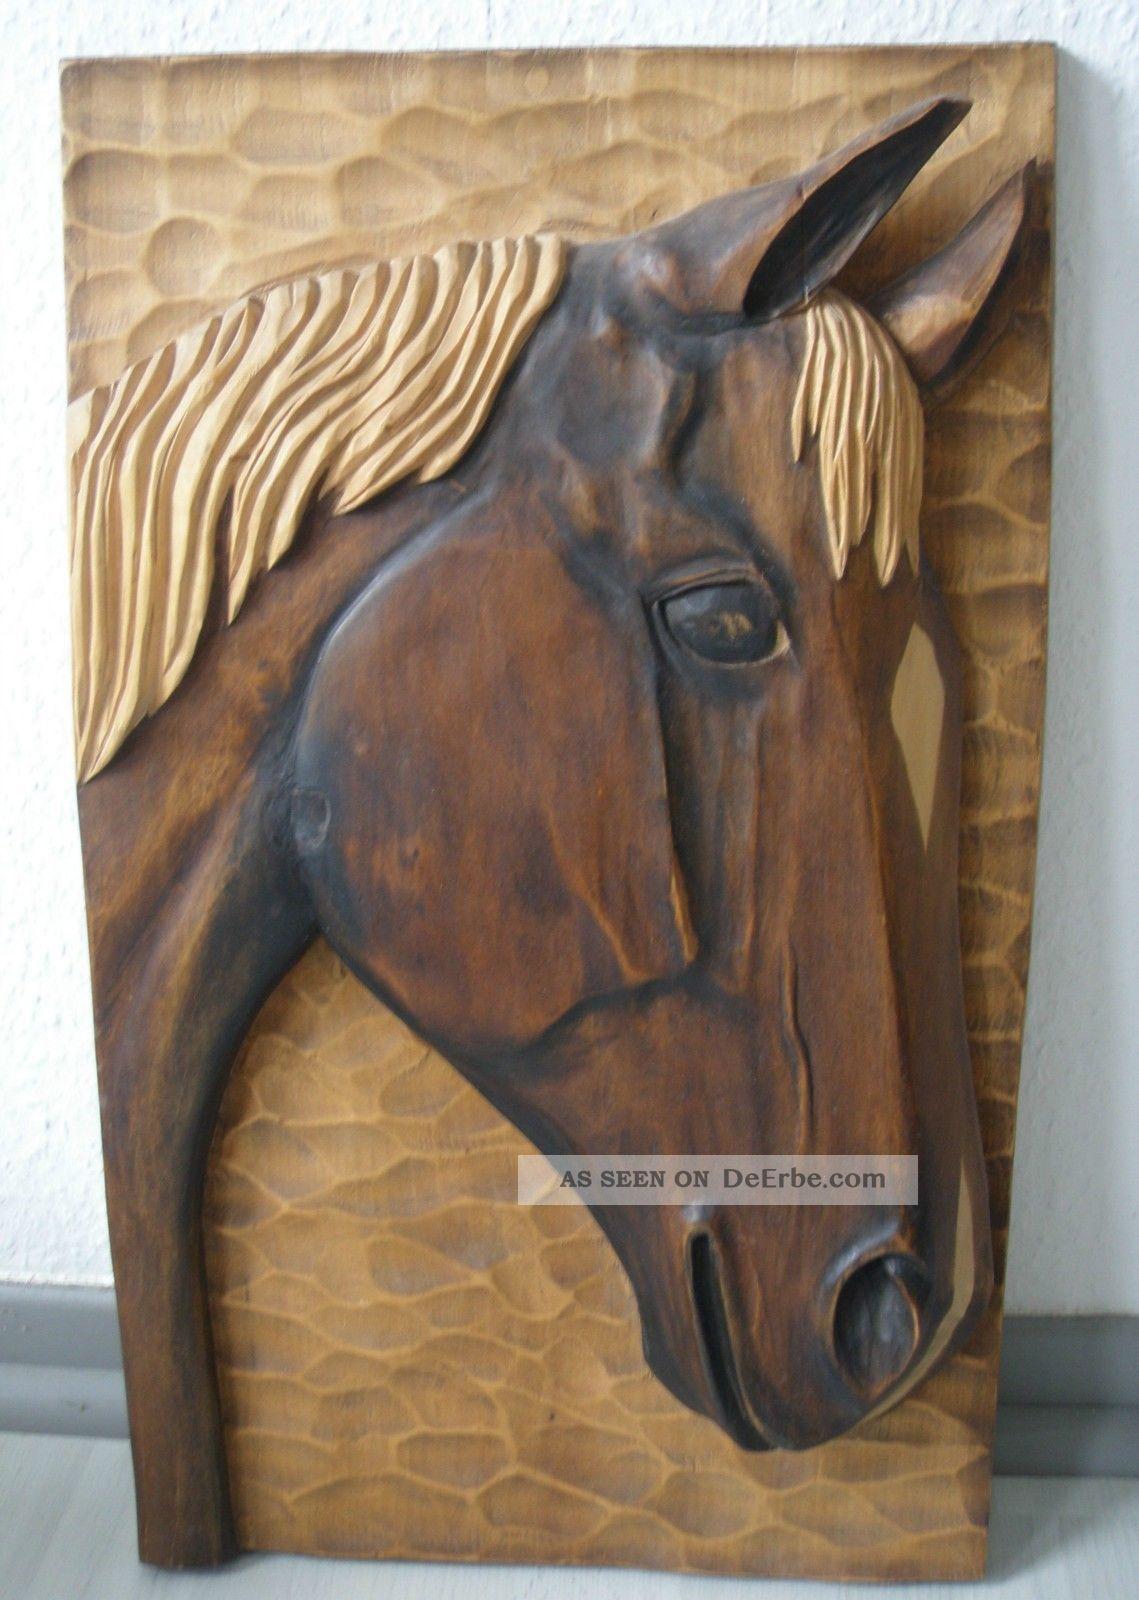 Pferdekopf Aus Holz : pferdekopf relief aus holz handgeschnitzt pferd bild ~ A.2002-acura-tl-radio.info Haus und Dekorationen